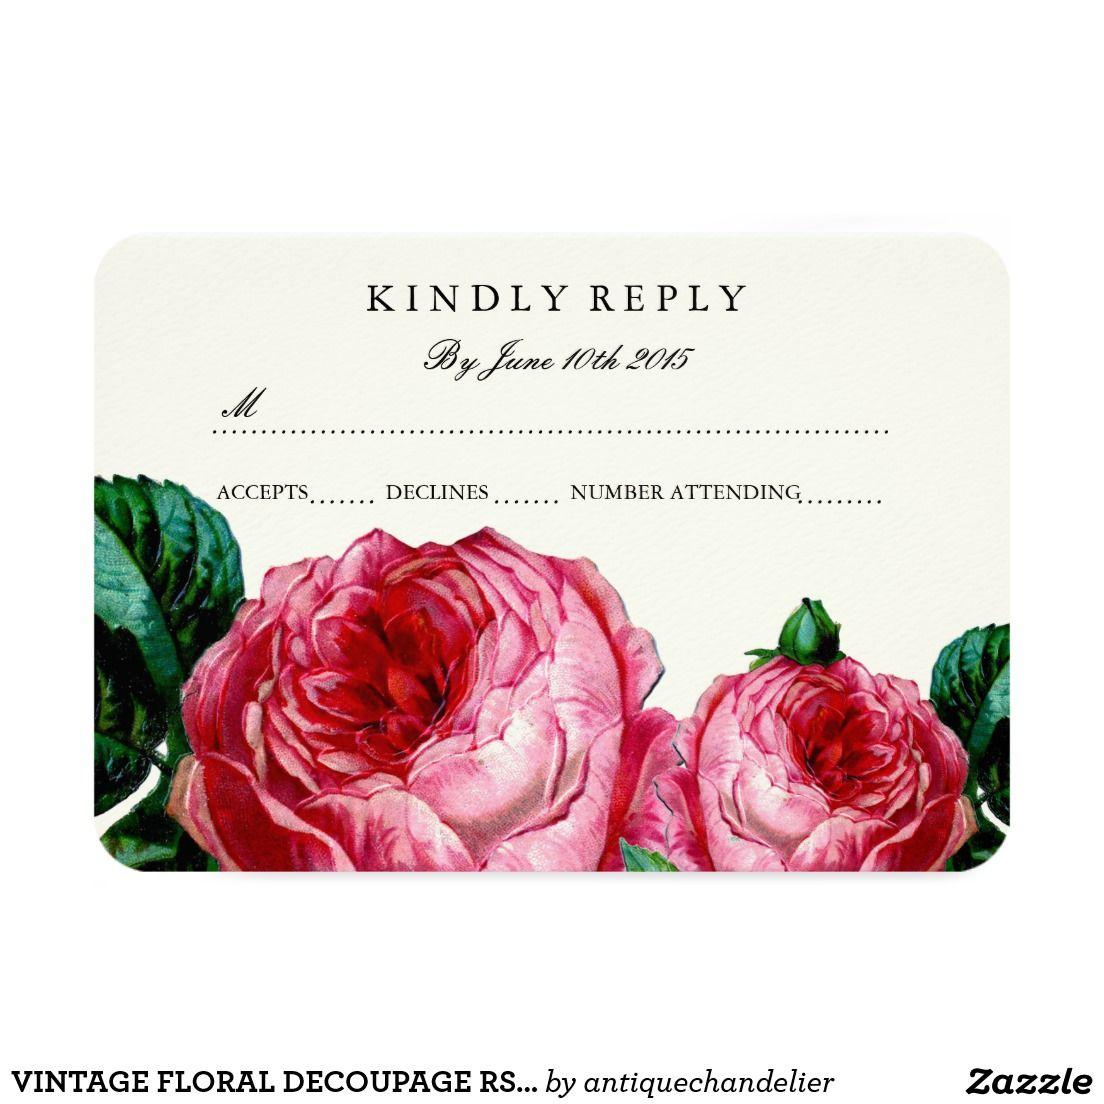 Vintage floral decoupage rsvp cards   Pinterest   Vintage floral ...